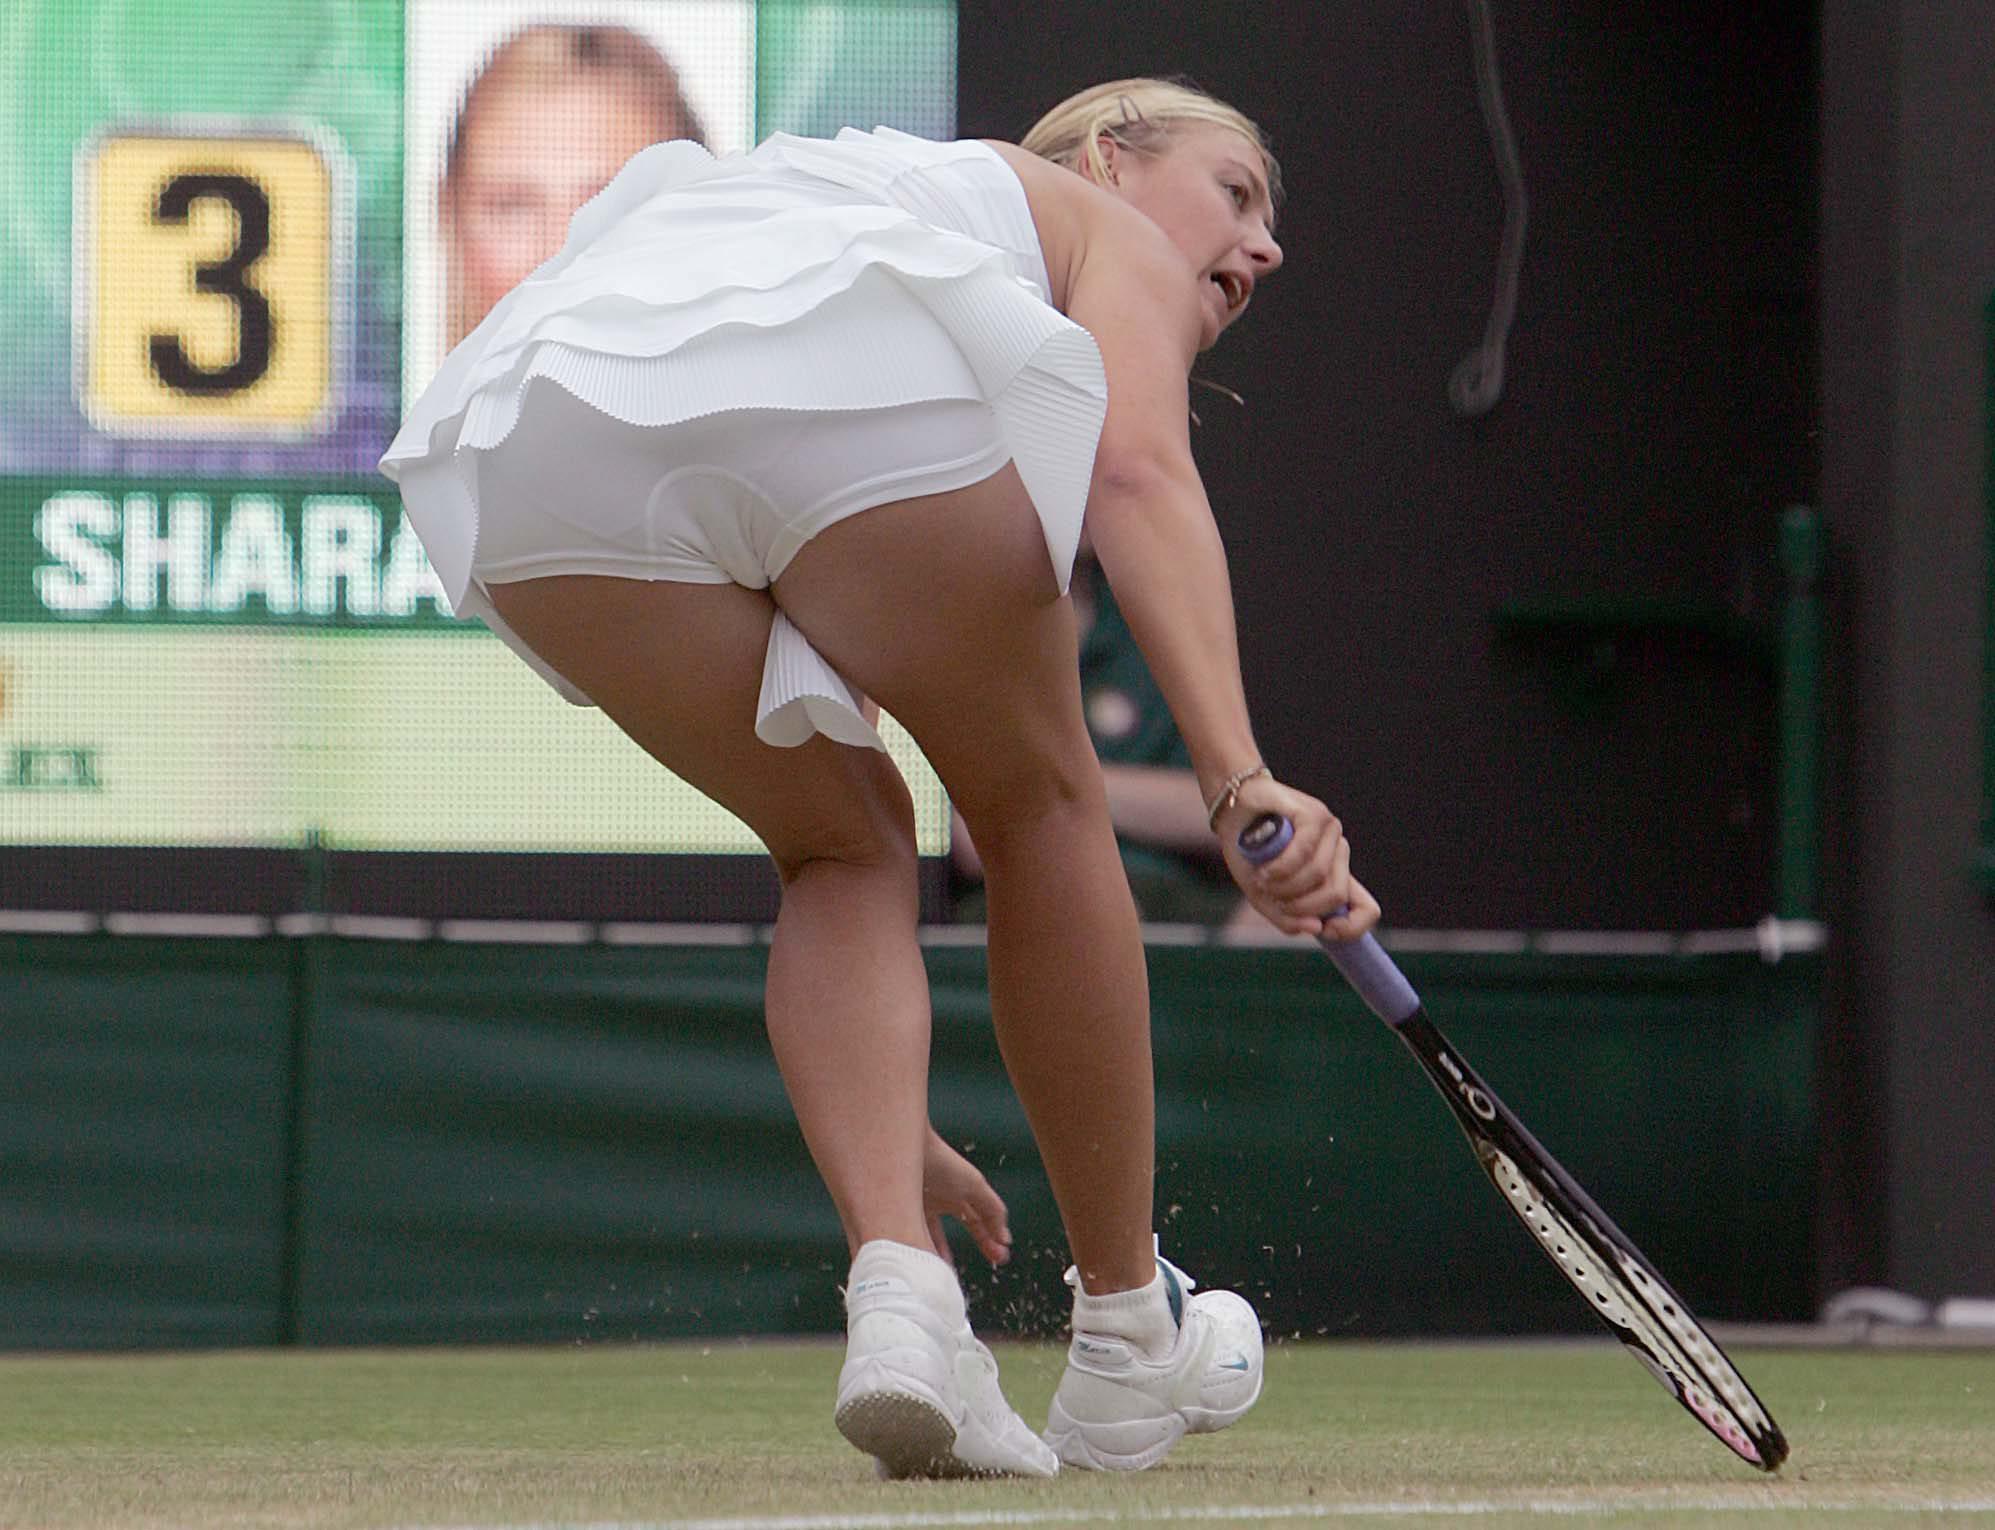 porno-video-na-trenirovke-po-tennisu